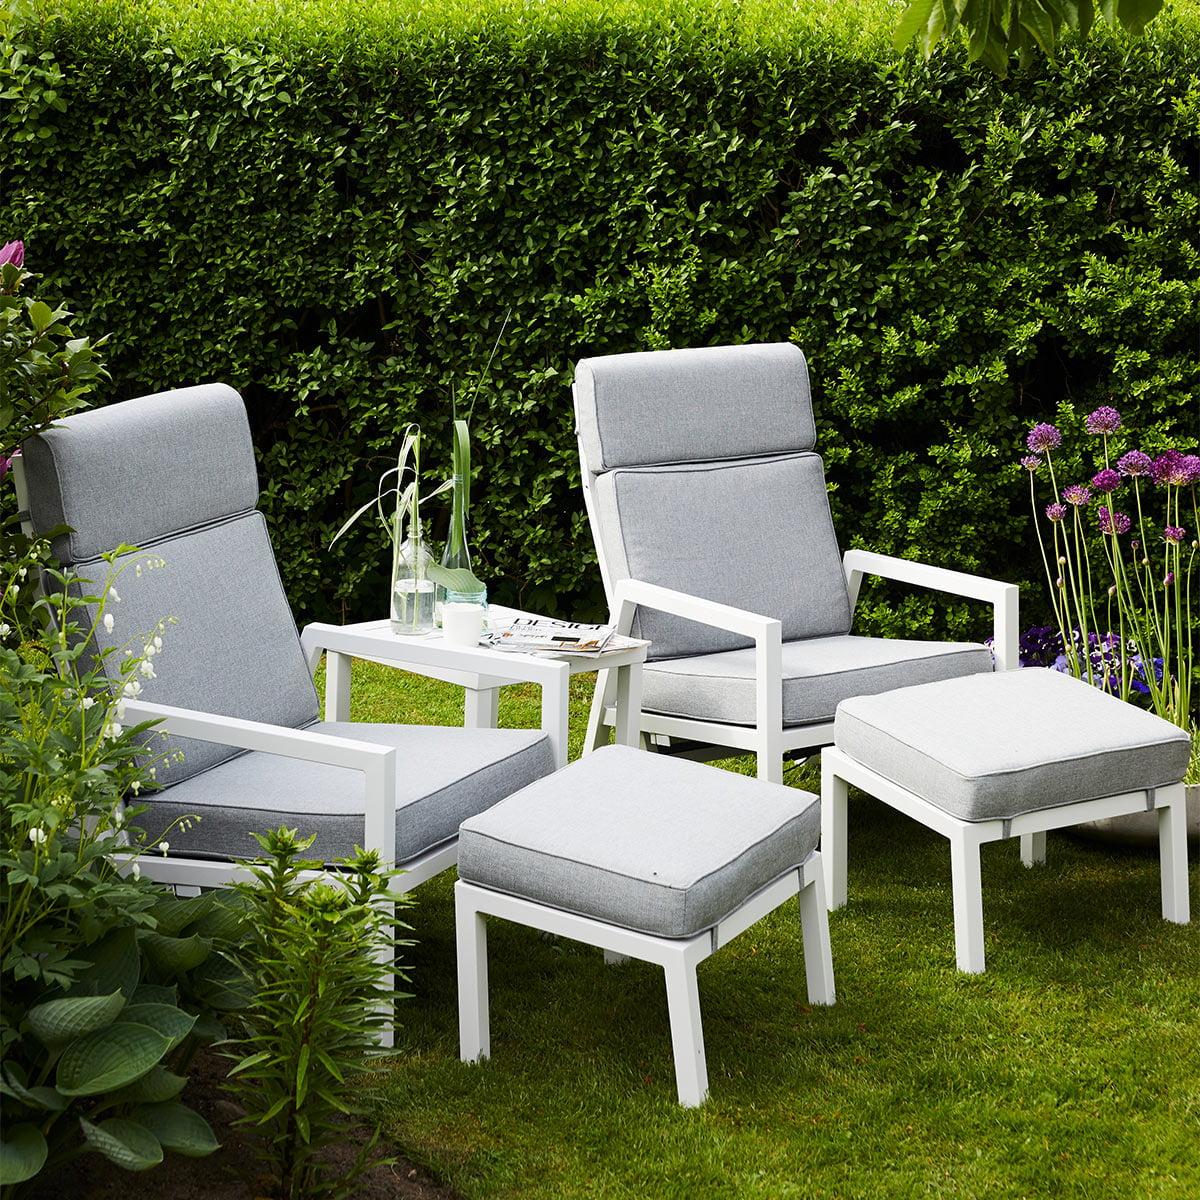 Moderne og stilren reclinersett med svært god sittekomfort. Putene kommer i olefinstoff, som er svært UV bestandig